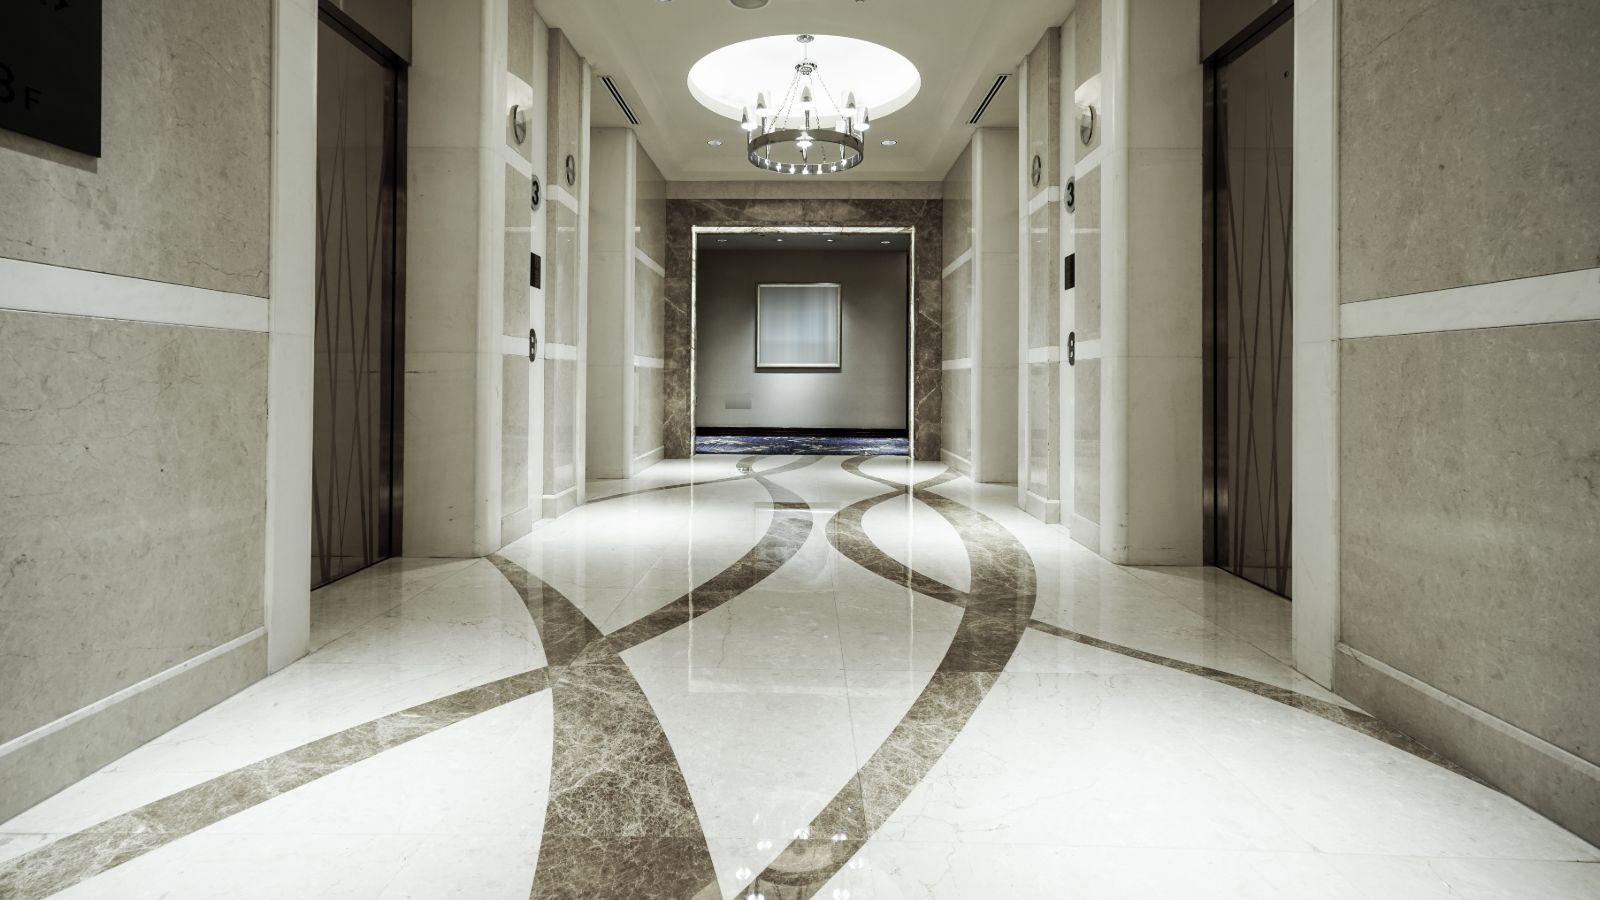 Commercial Flooring - Carpet World of Louisiana - Flooring Center- Tile, Carpet, Hardwood, Laminate